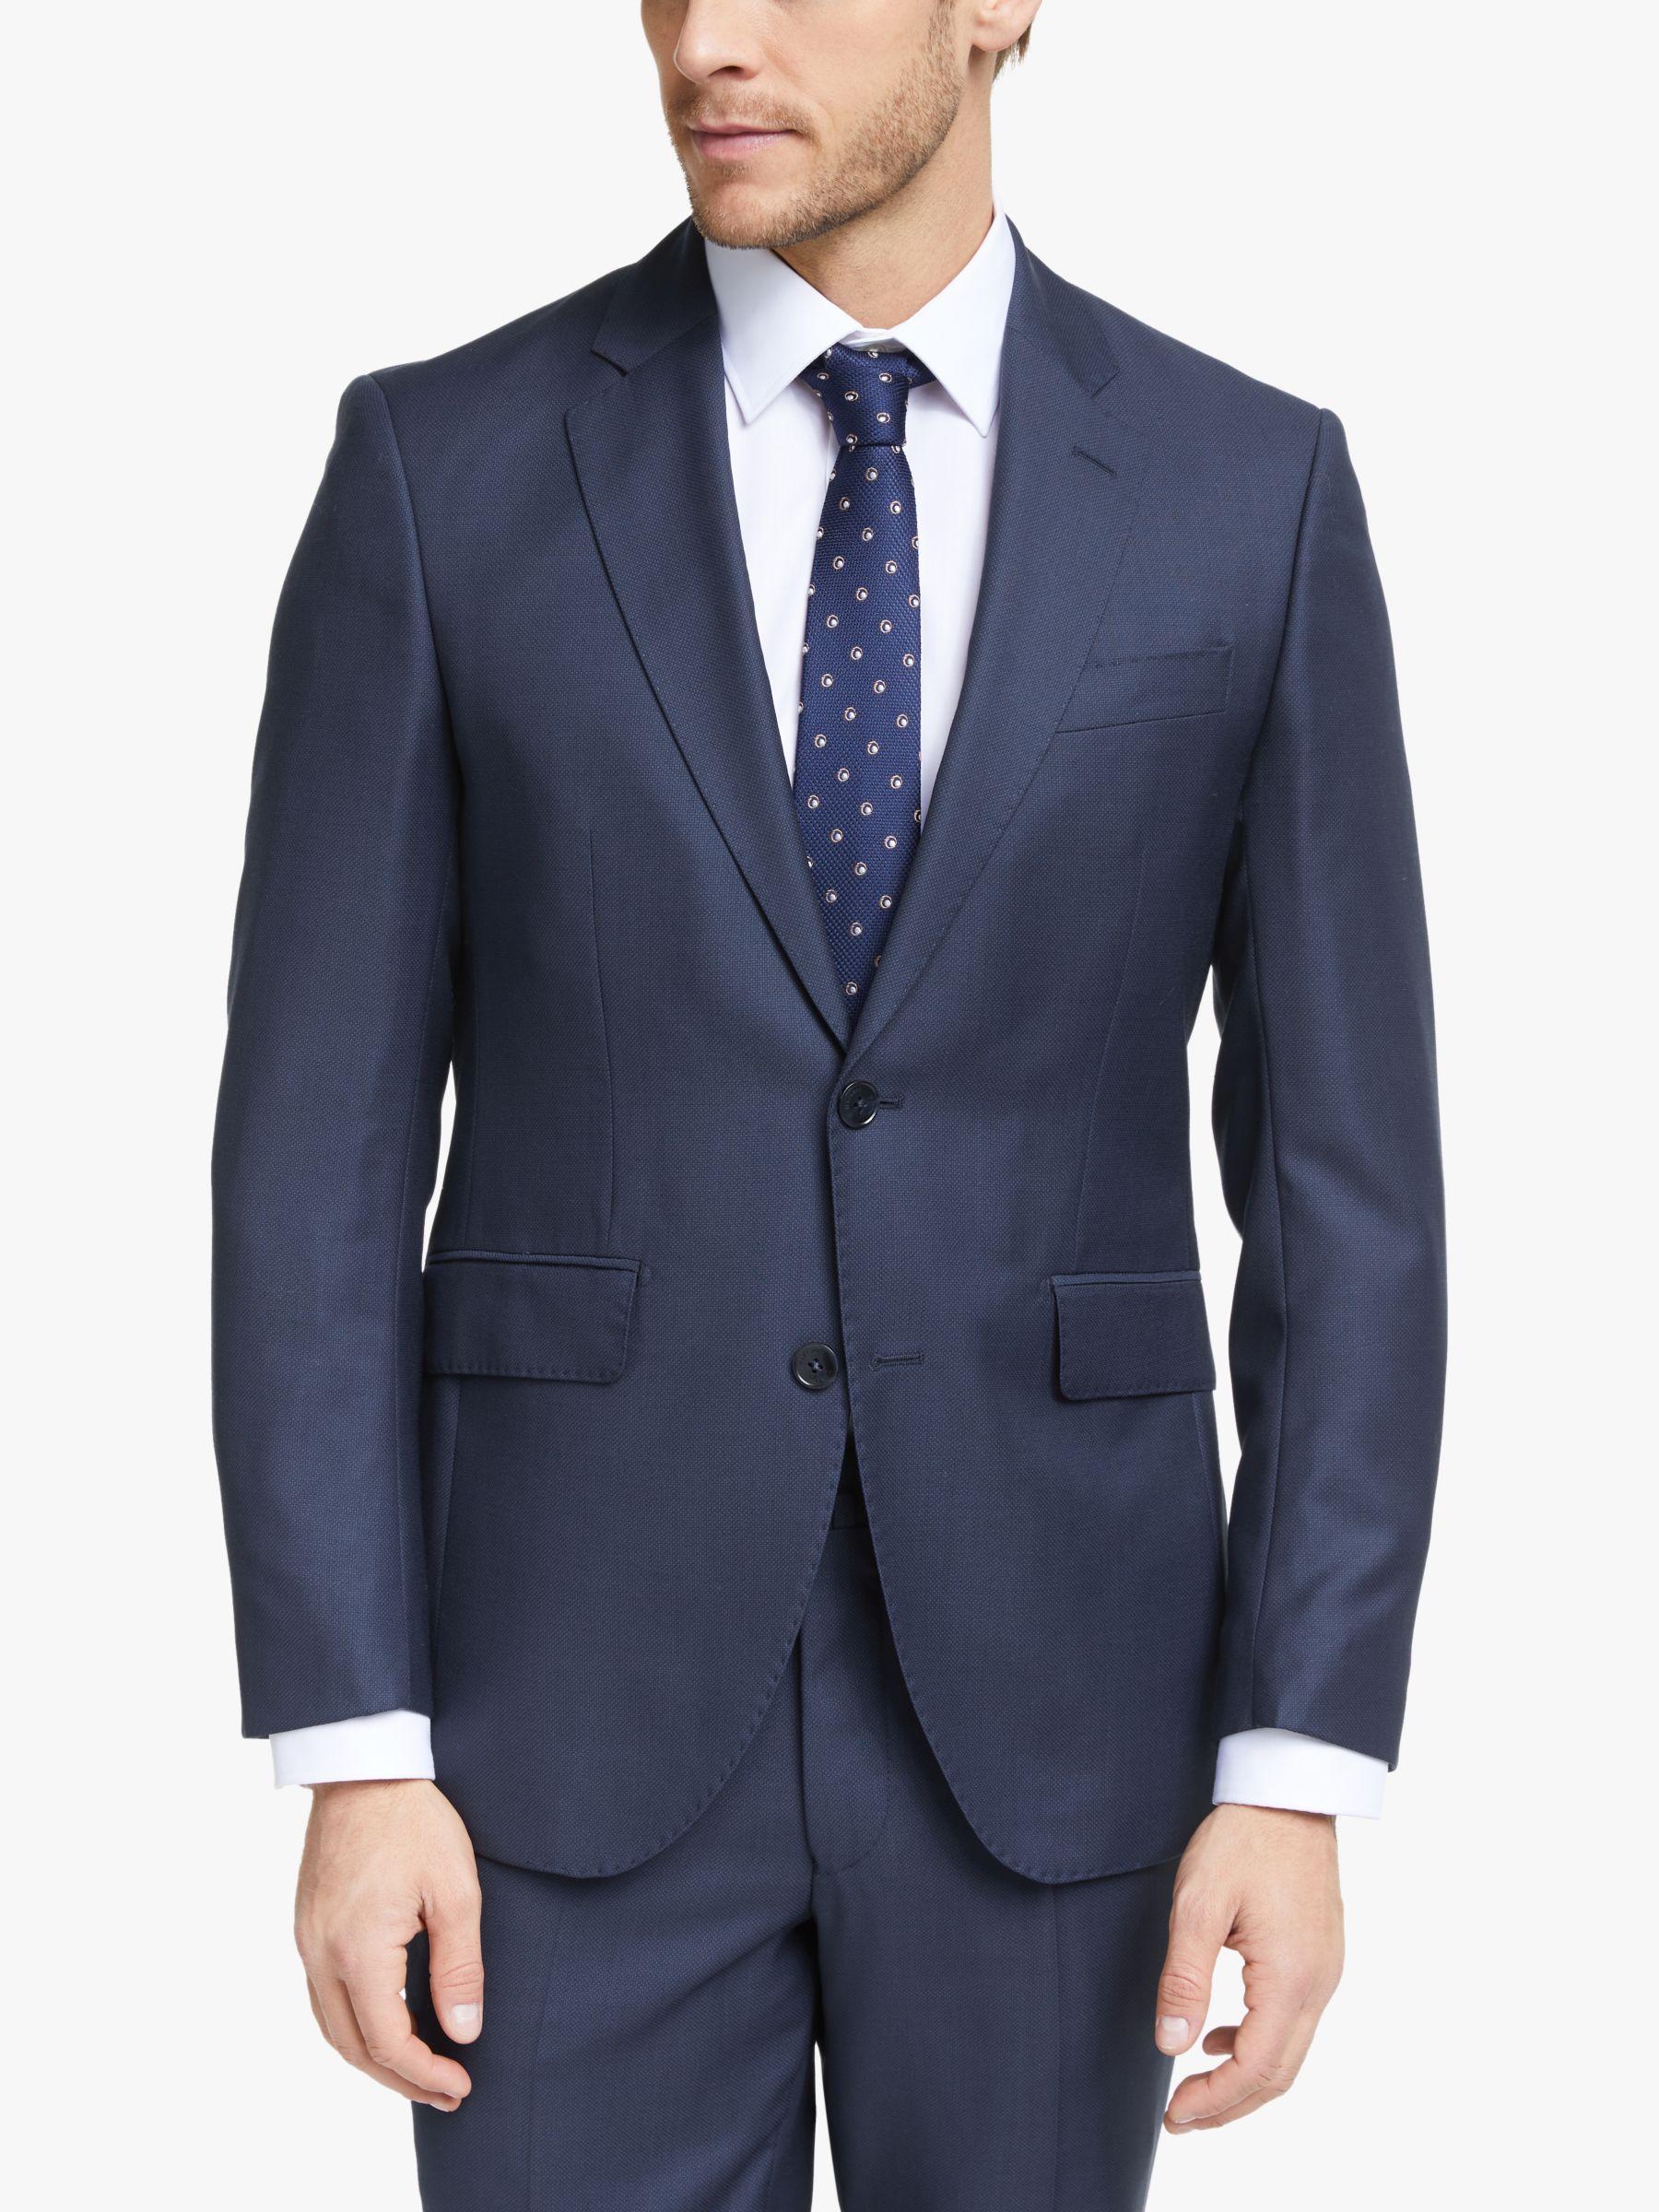 Hackett London Hackett London Birdseye Slim Fit Suit Jacket, Navy